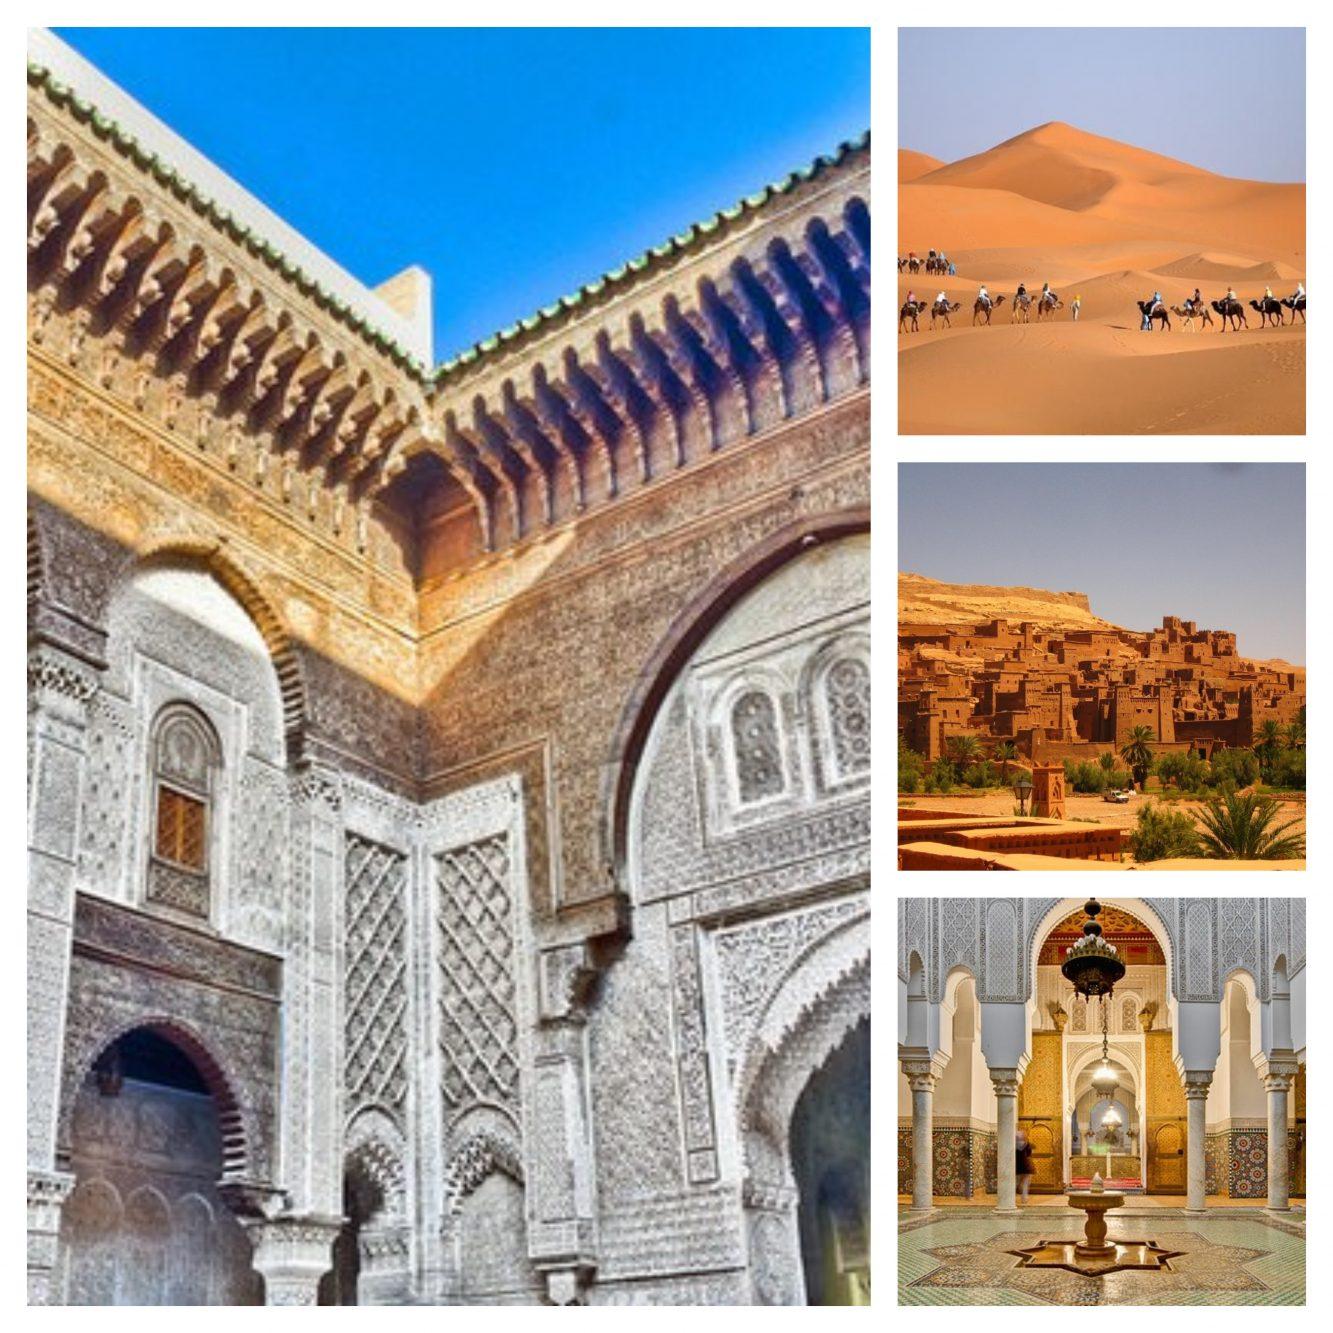 Locul de intalnire Maroc.)